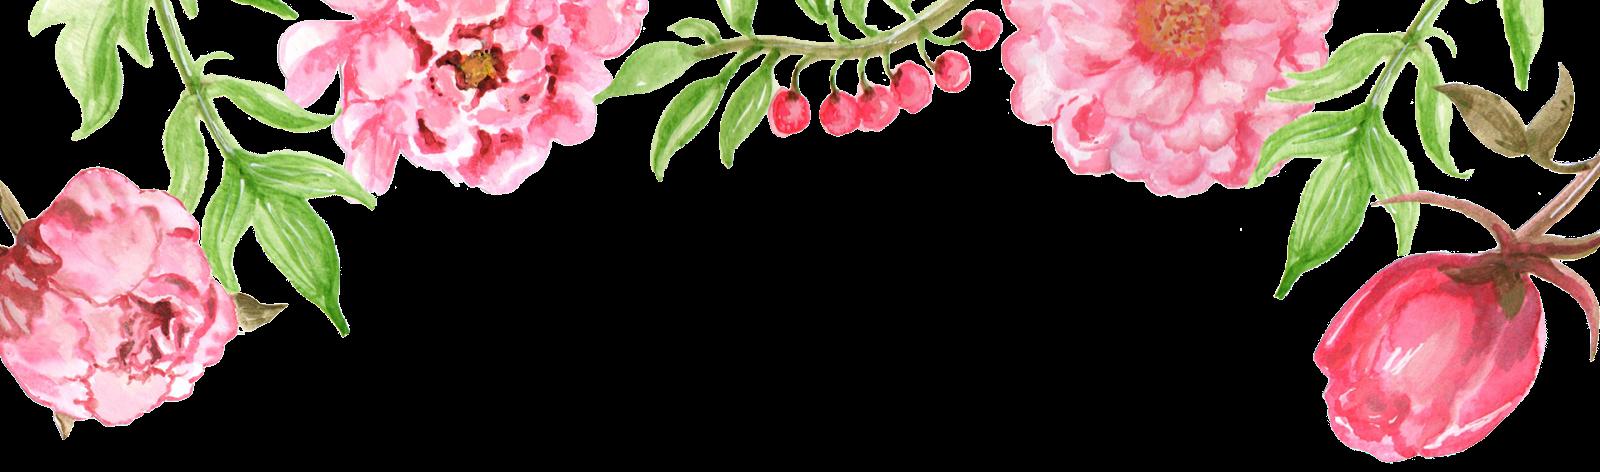 Fundo do cabeçalho com flores para download